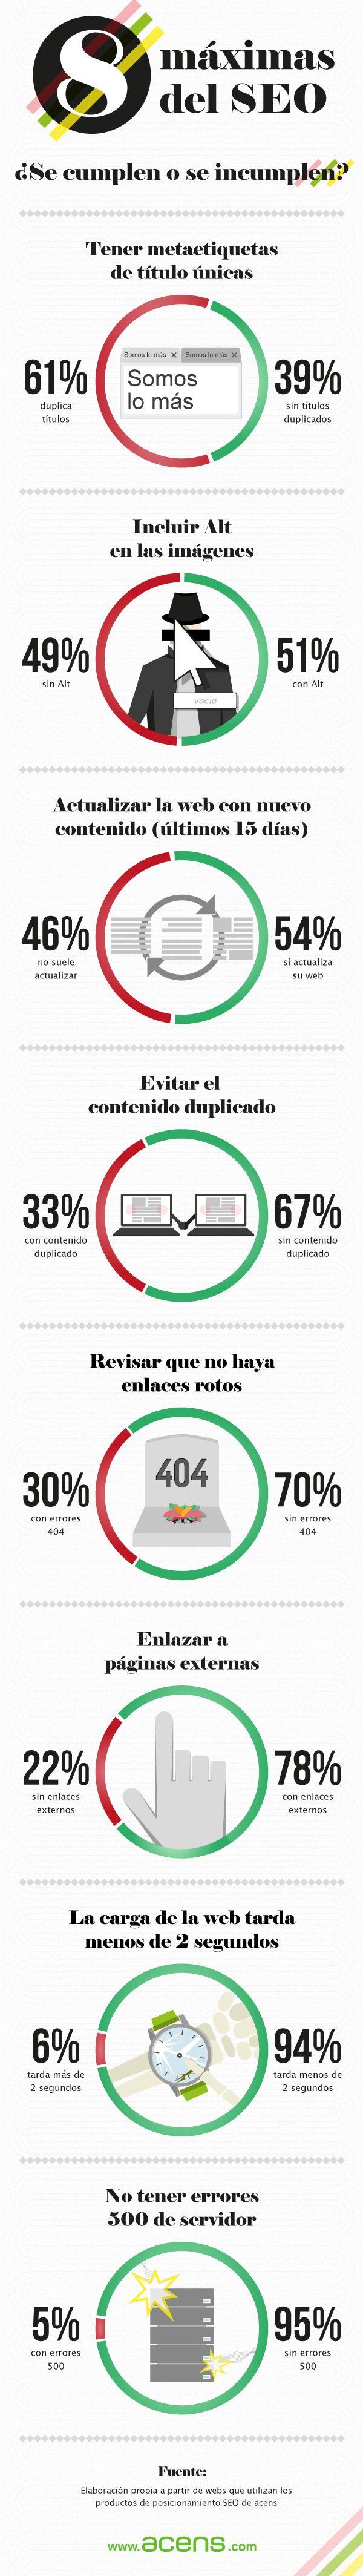 Las 8 máximas del SEO #infogafia